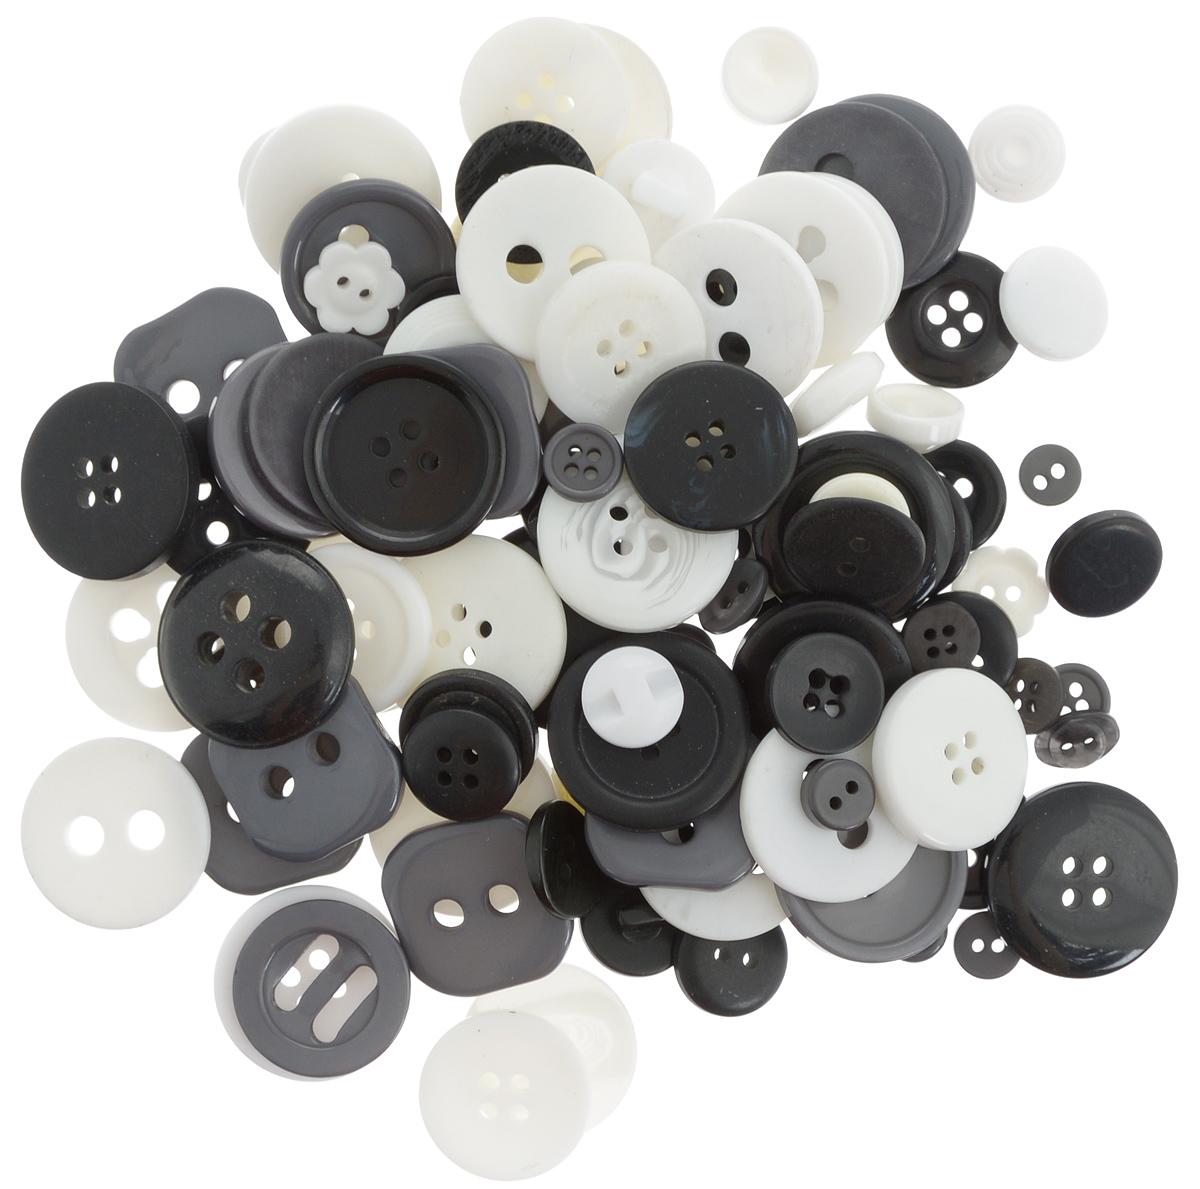 """Пуговицы декоративные Magic Buttons """"Палитра"""", цвет: черный, белый, серый, 100 г"""